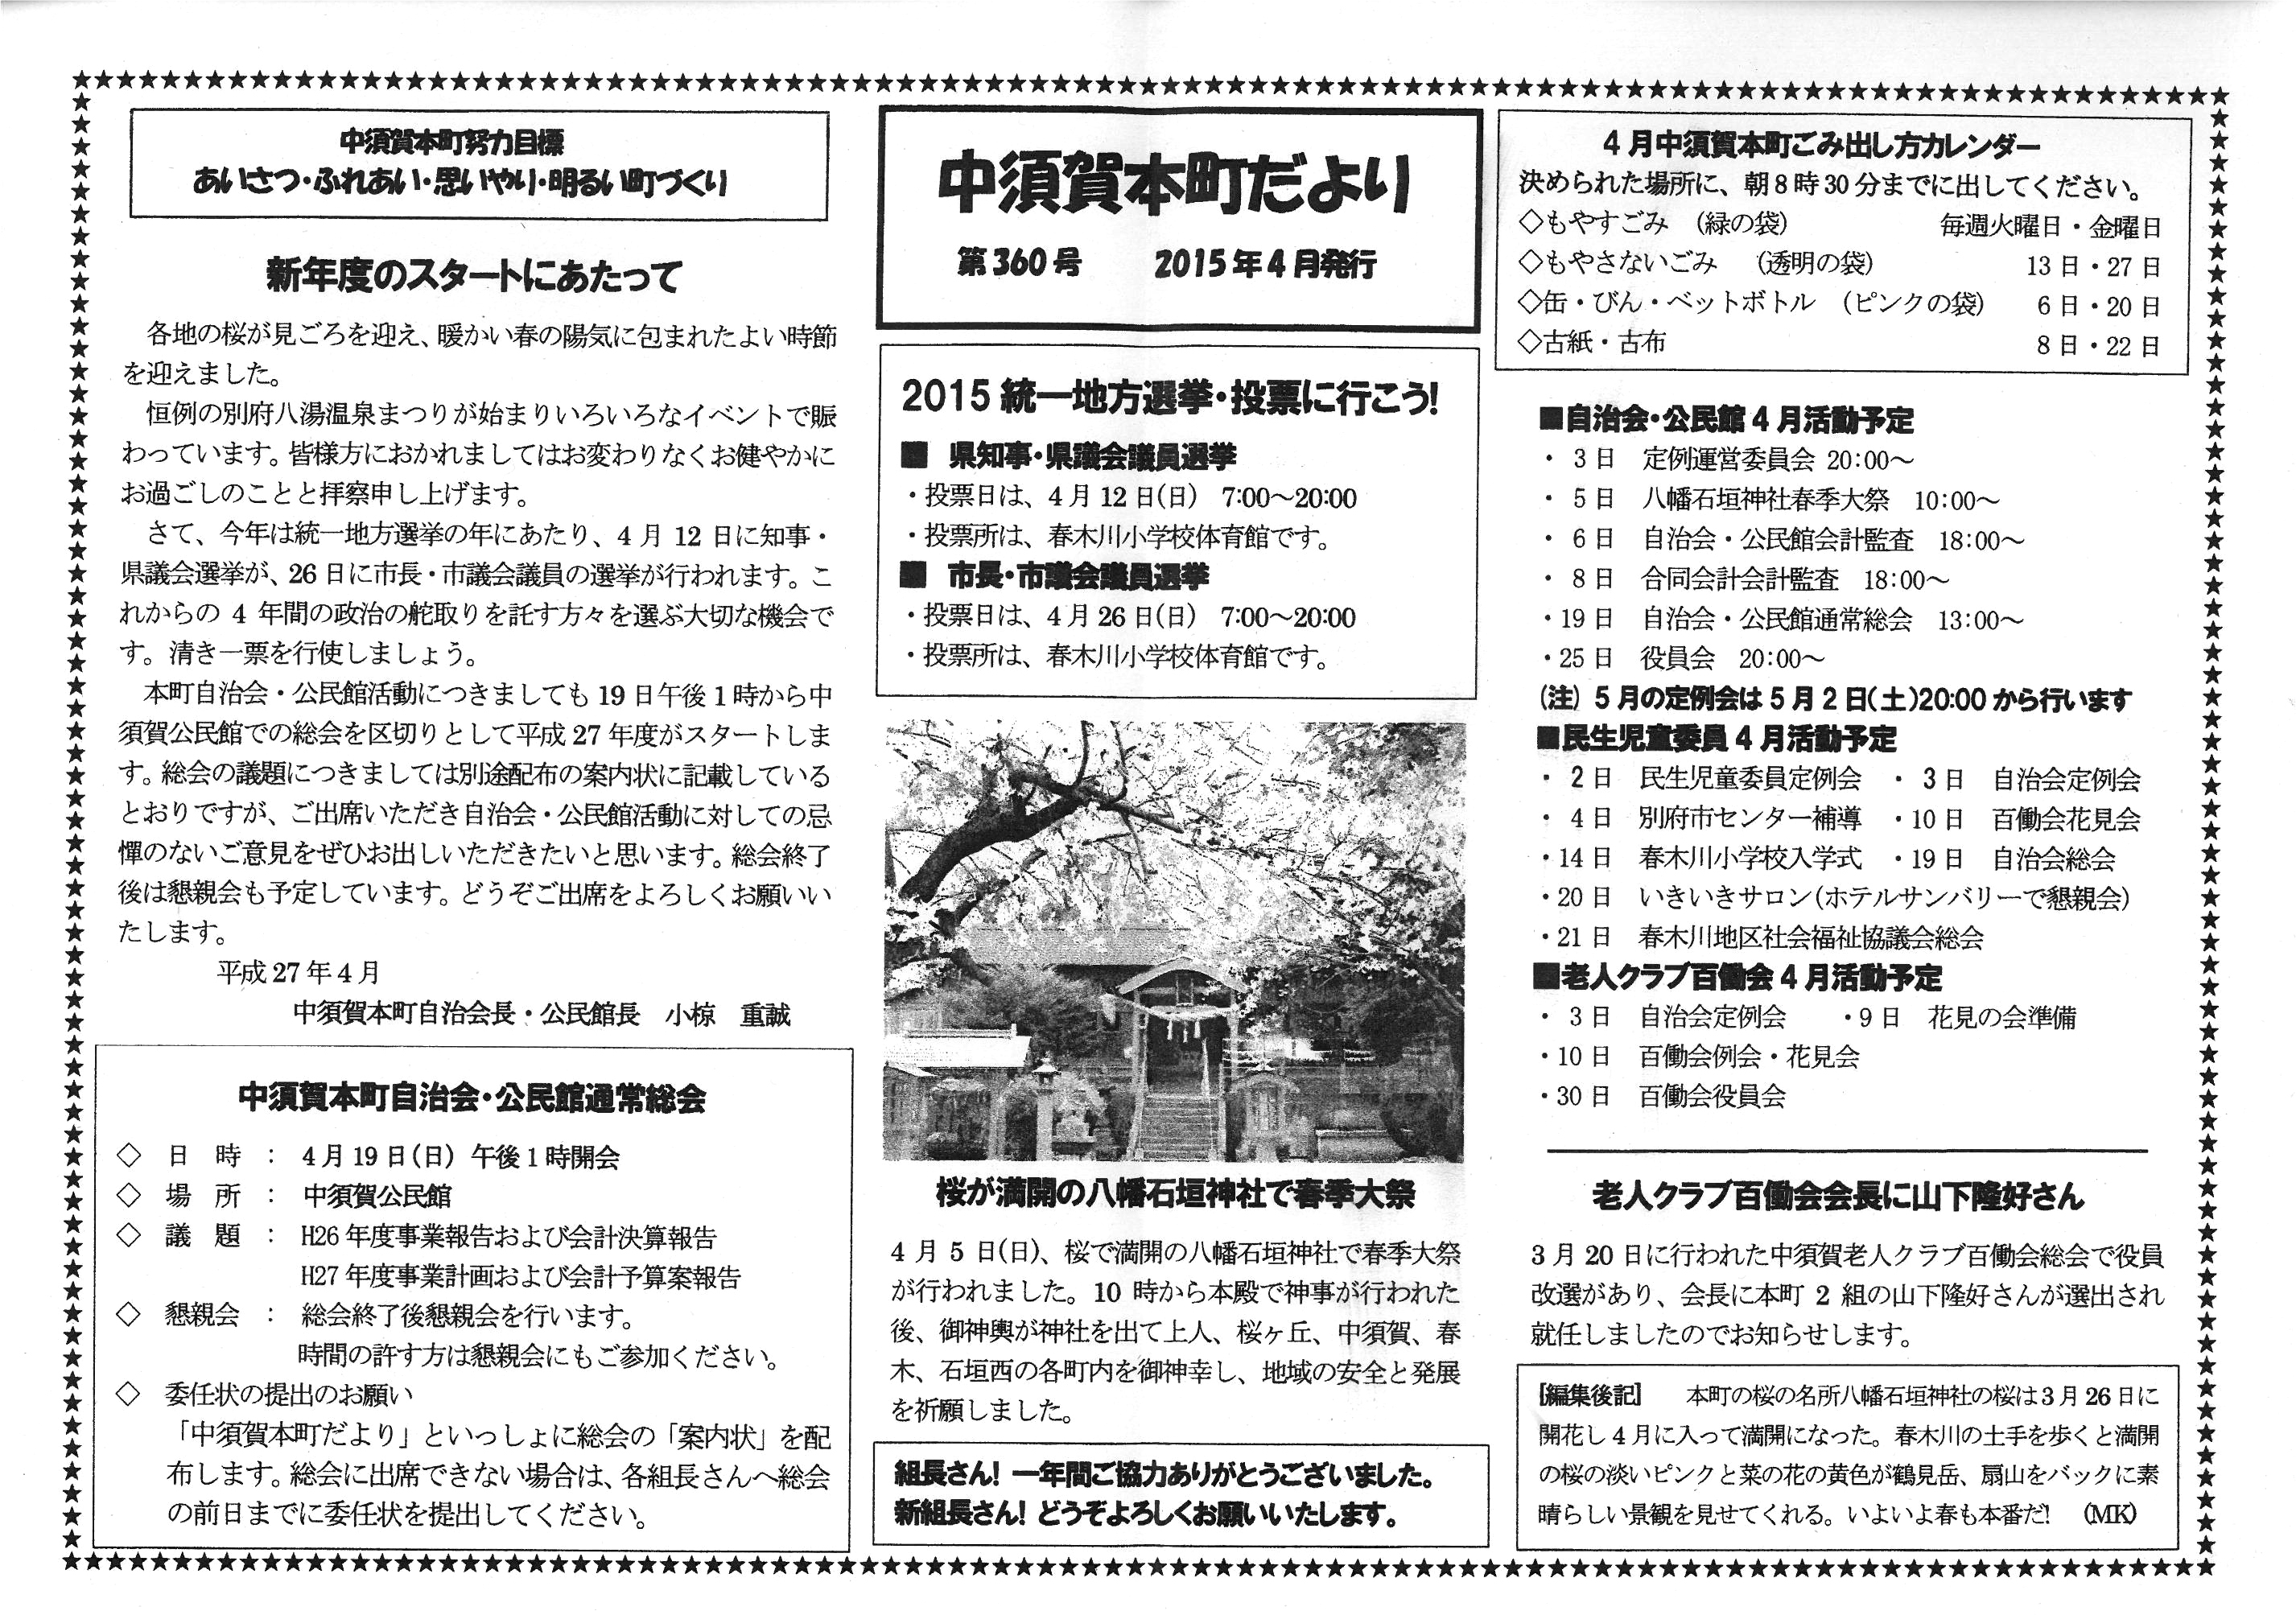 nakasugahonmachi2015_04